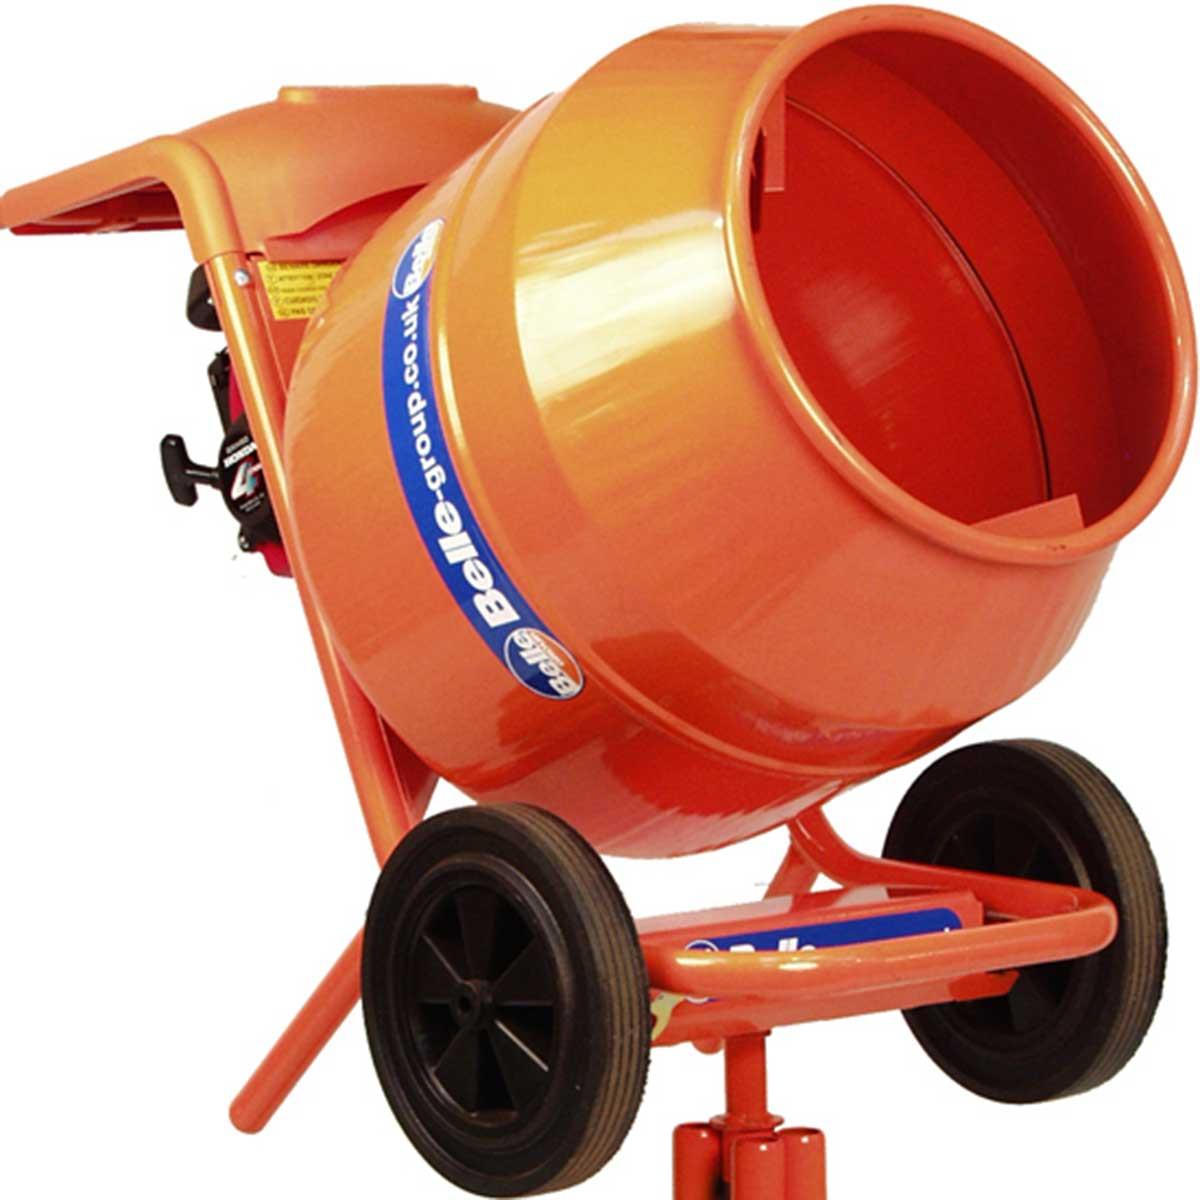 Altrad Belle Concrete Mixer drum